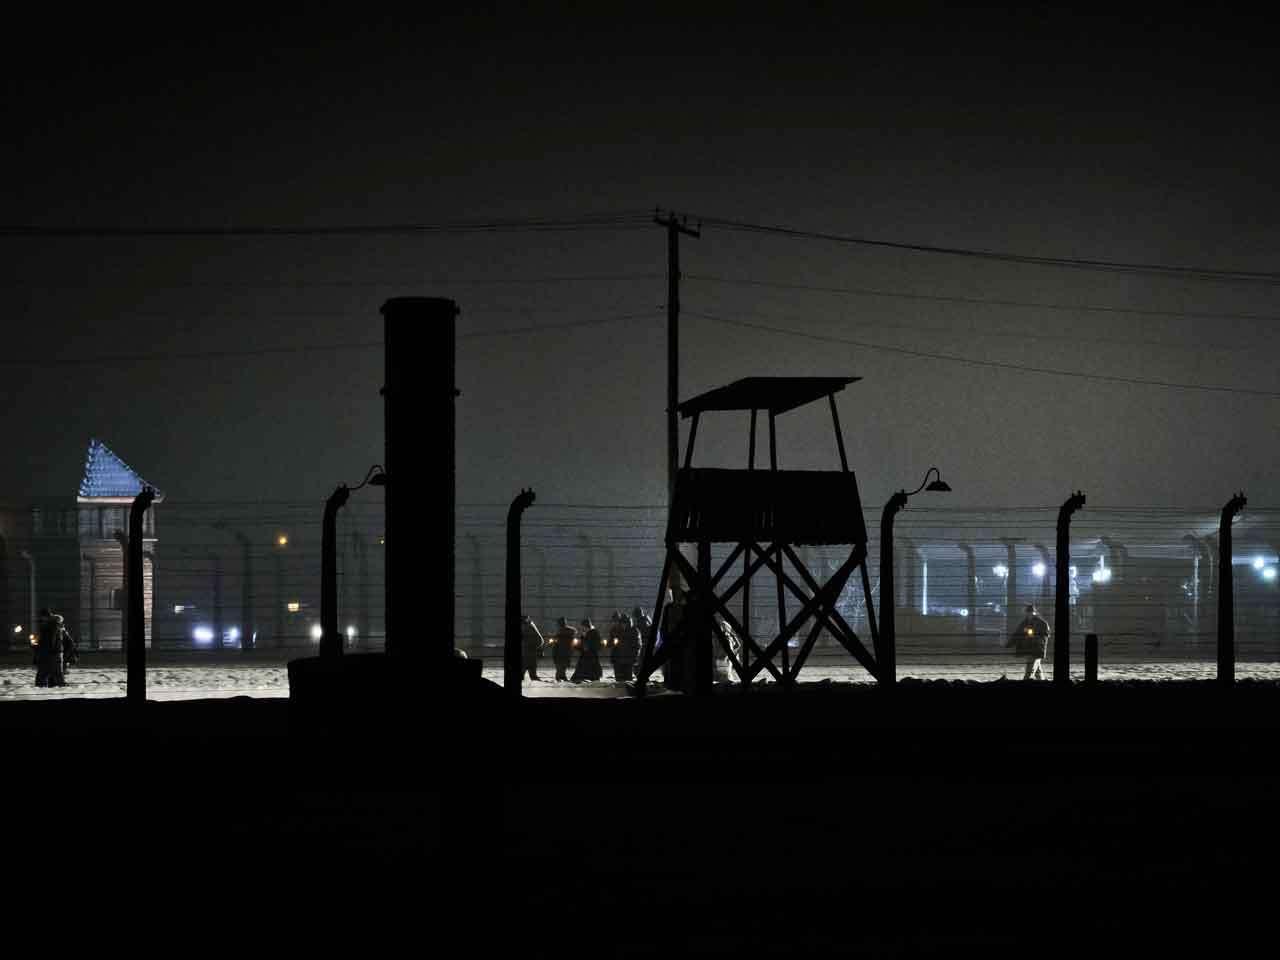 En el campo de concentración de Auschwitz-Birkenau un millón 100 mil personas murieron en el campo de concentración, el 27 de enero de 2015. Foto: AP en español